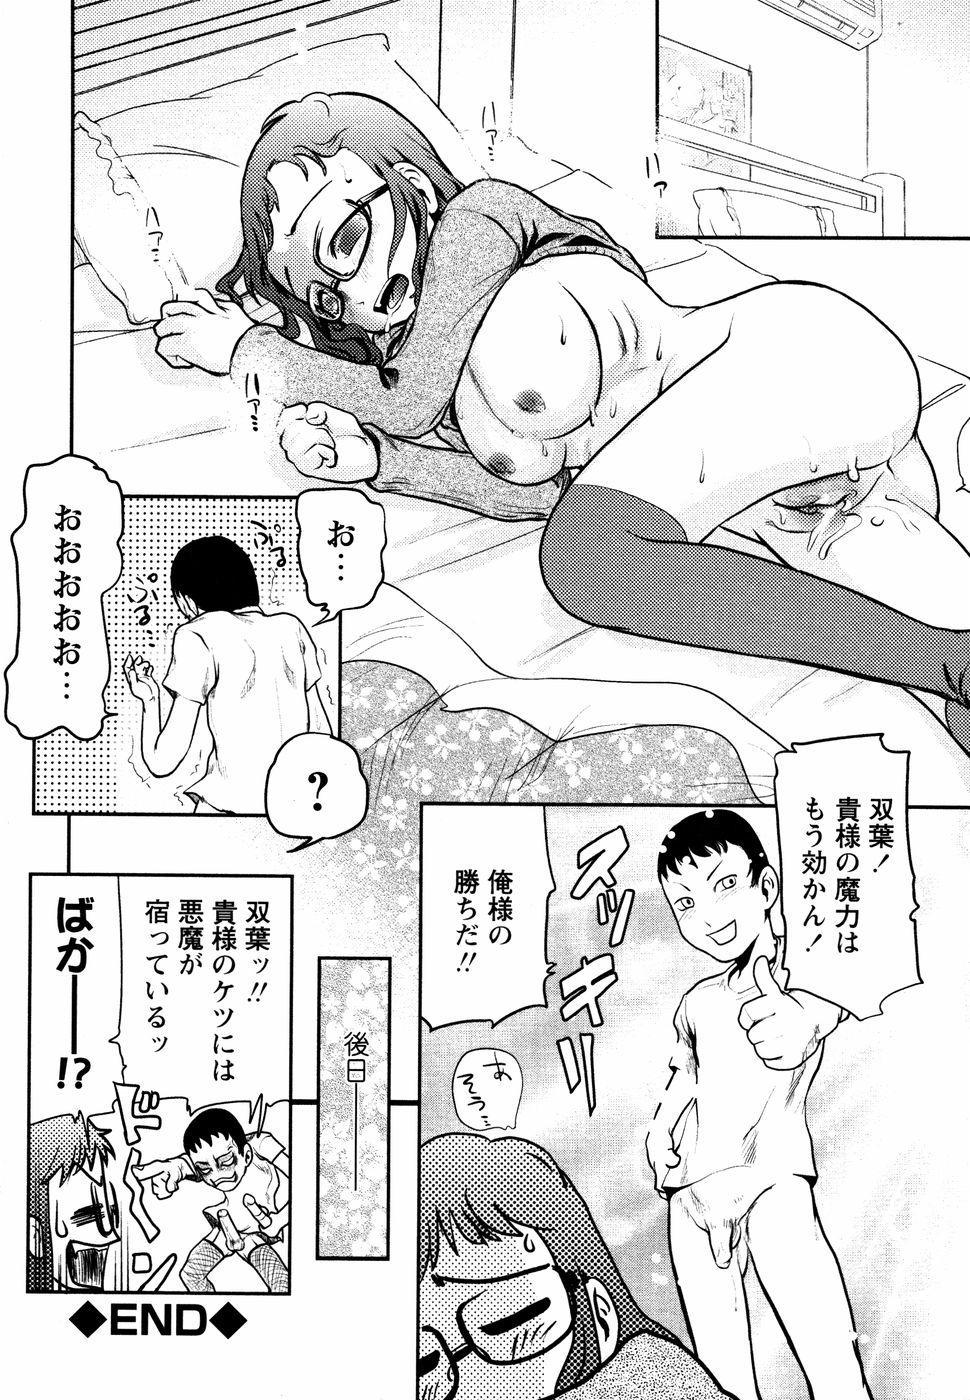 Megane Imouto Ryoujoku 140